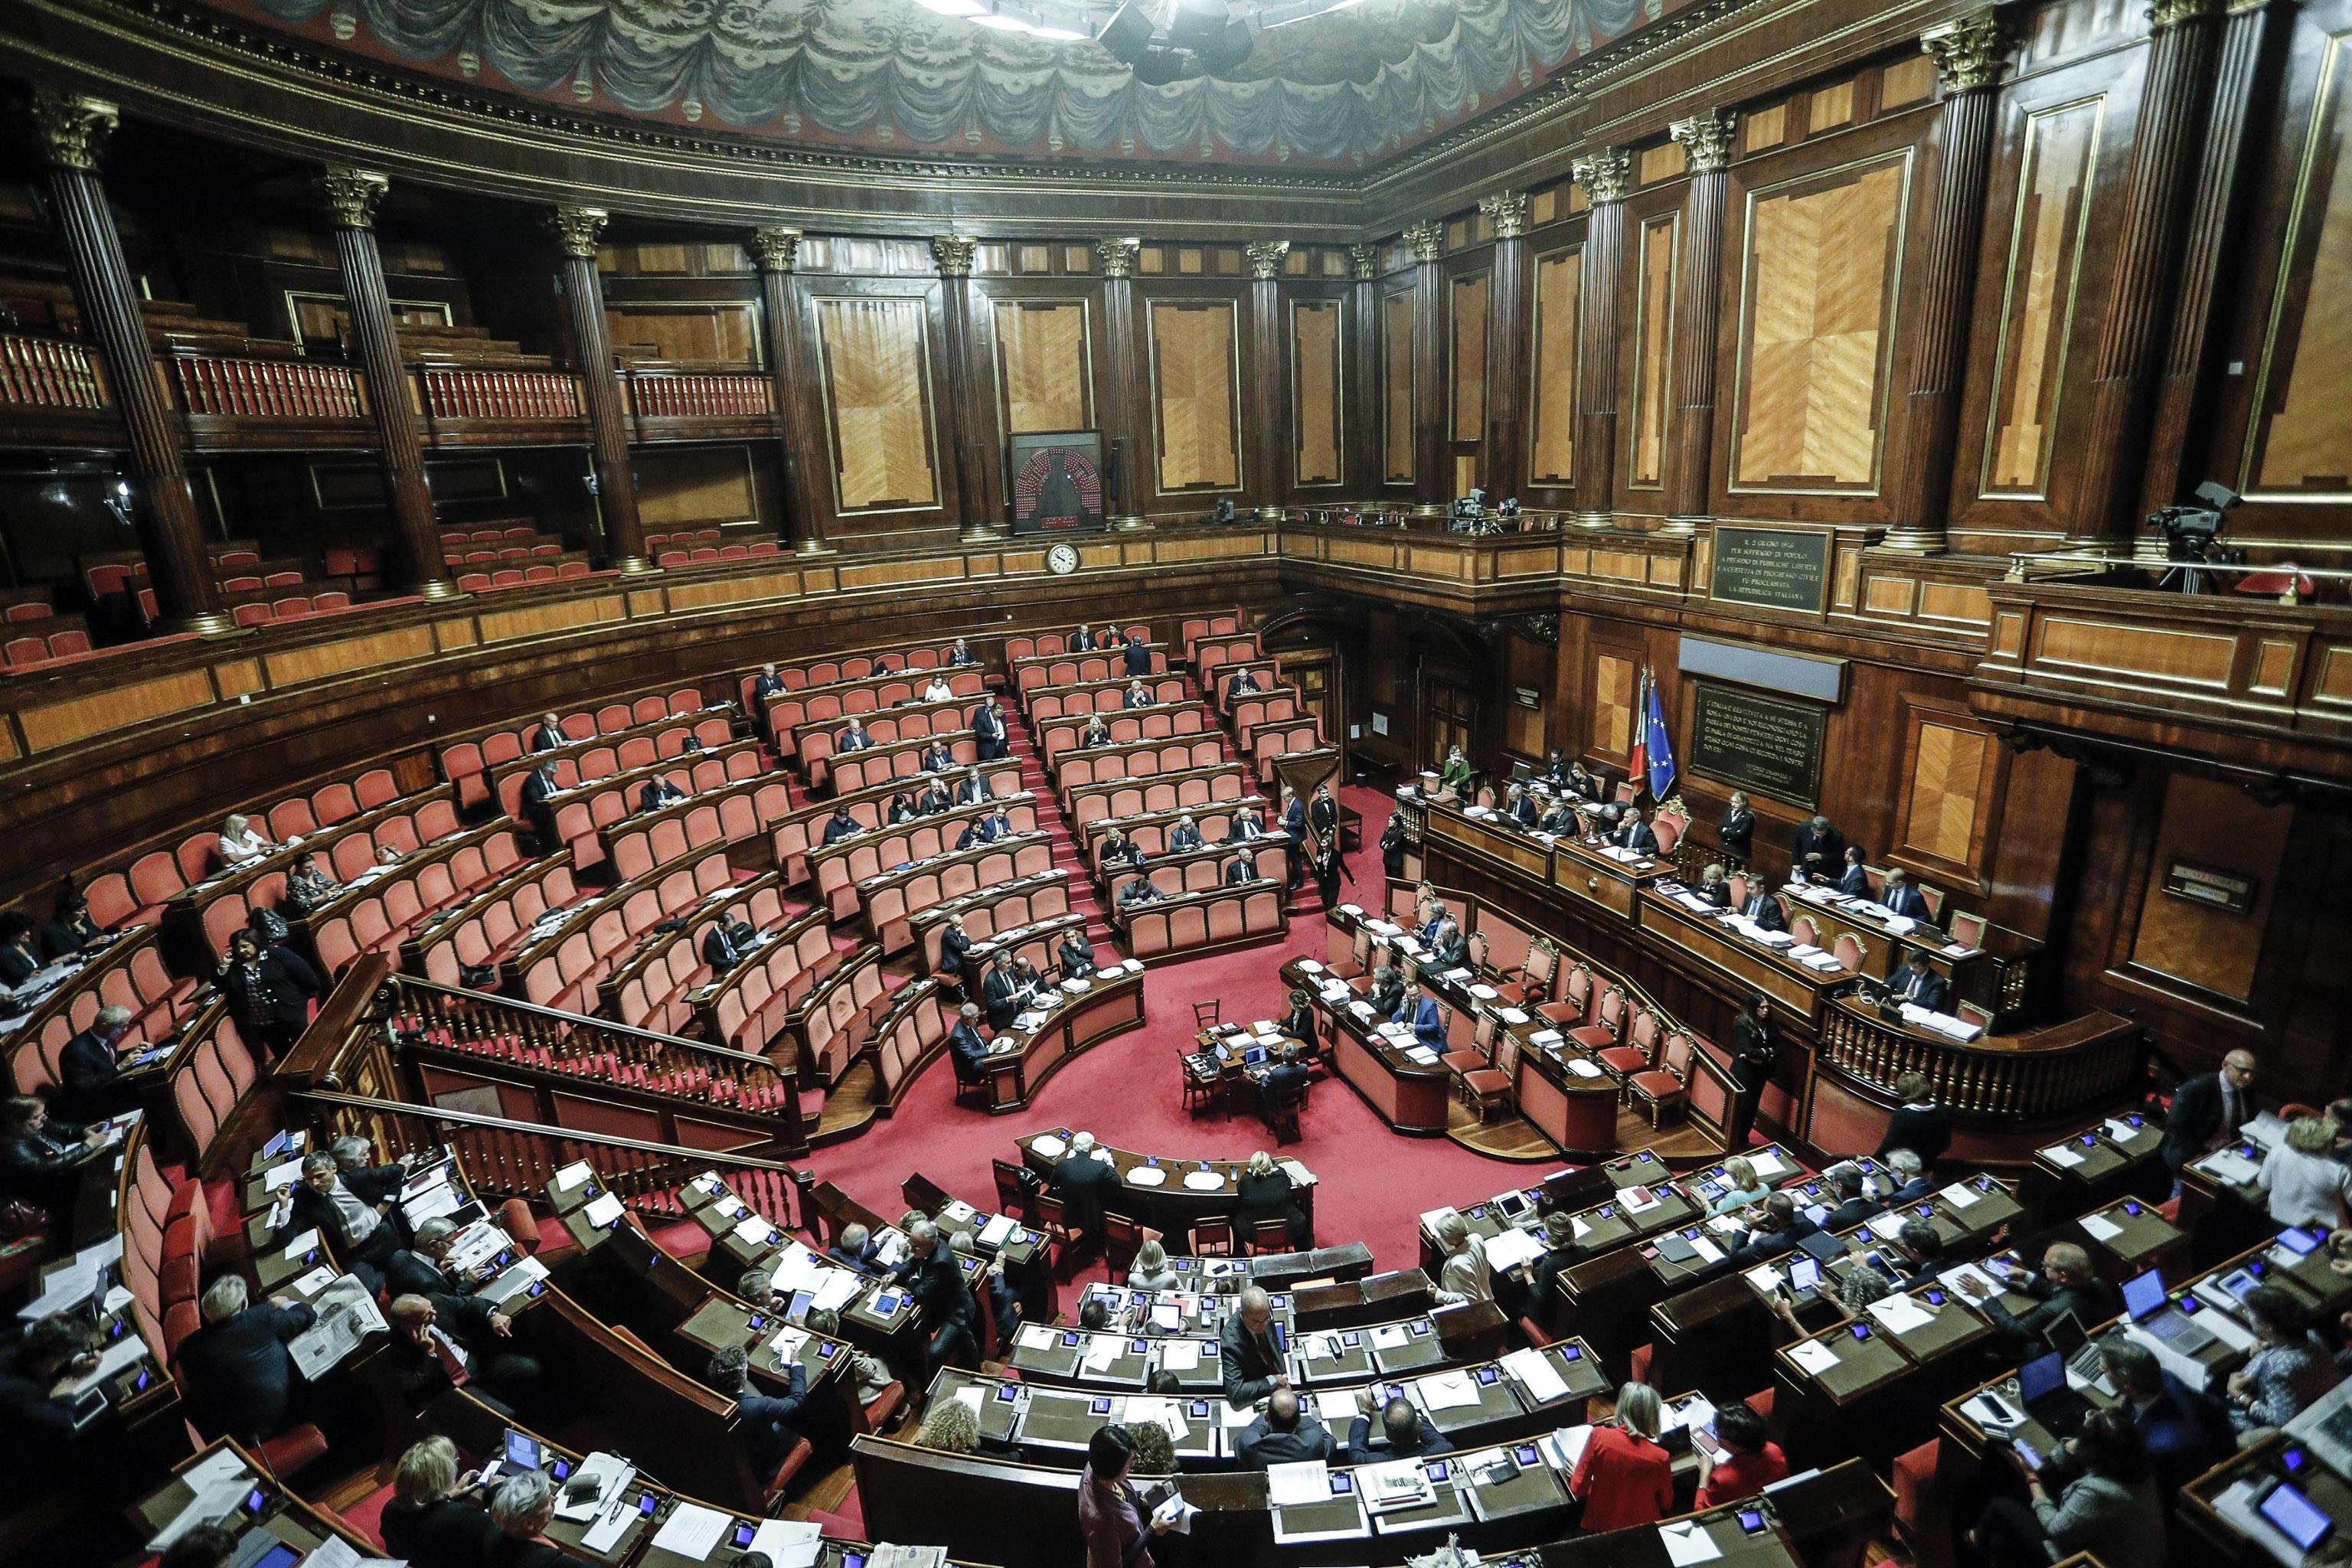 Legge sui fallimenti d'impresa: cosa cambia con la riforma approvata dal governo